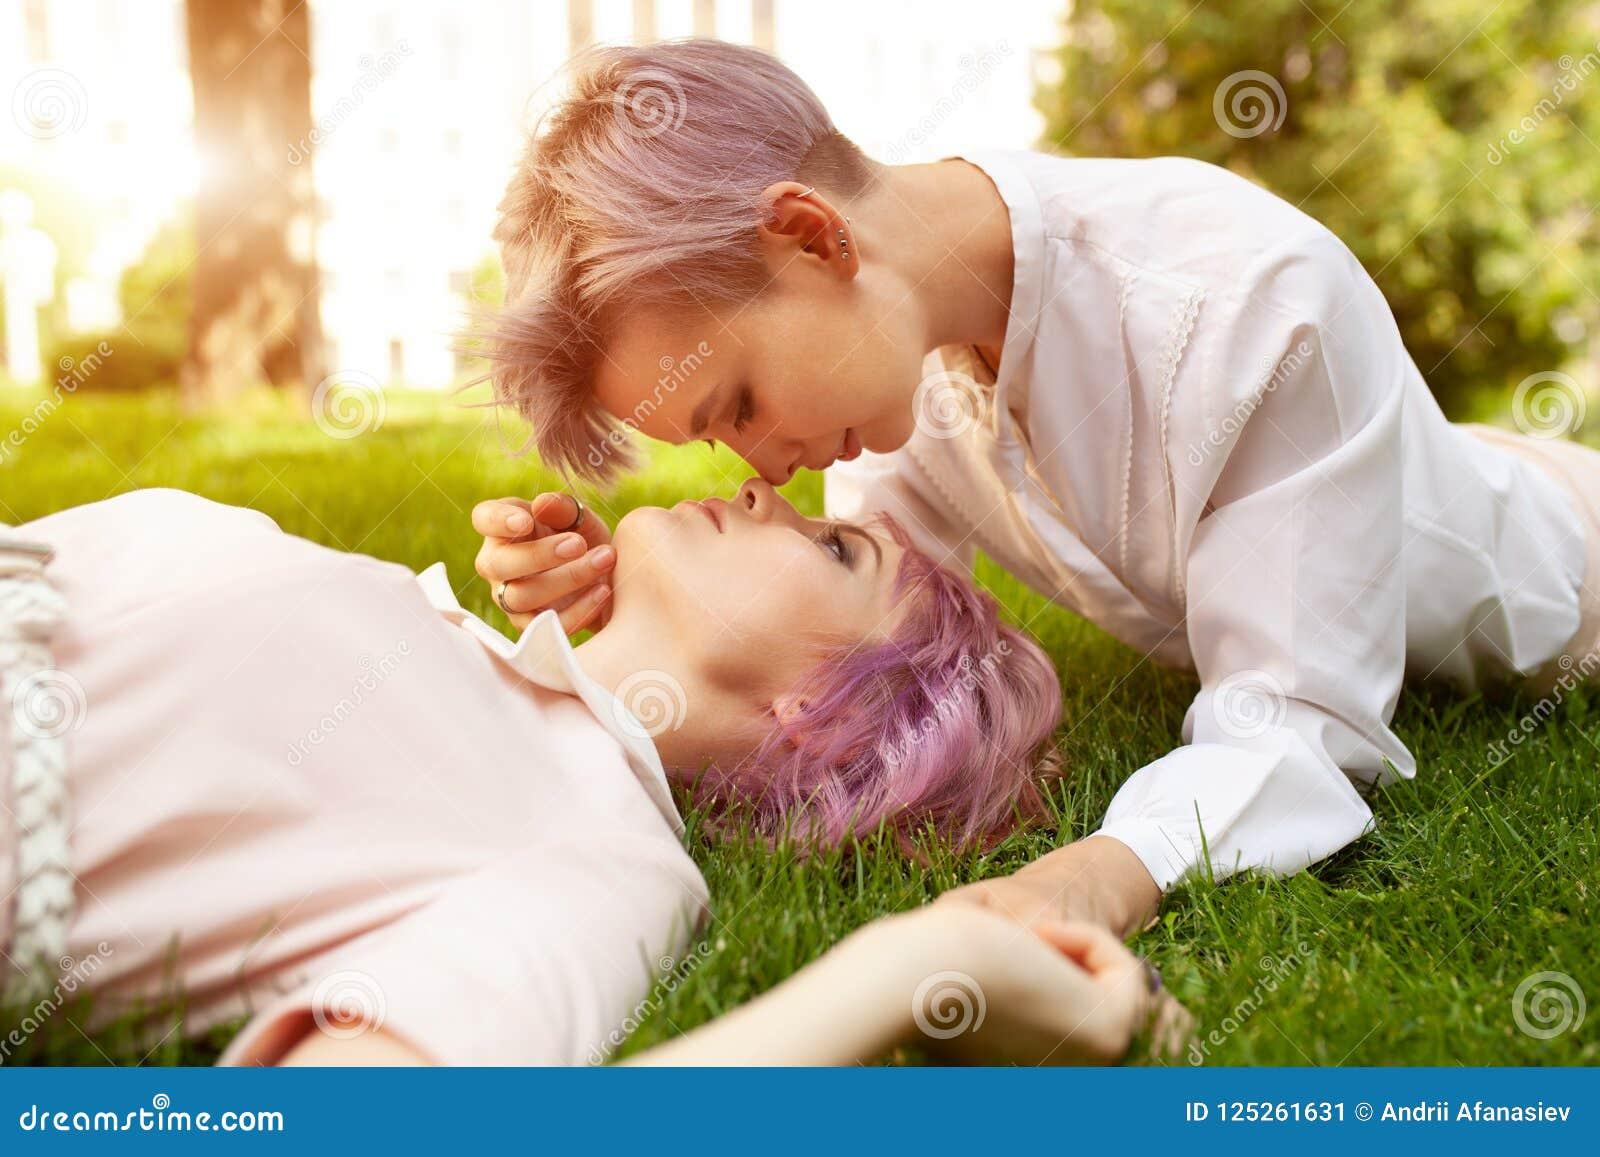 Pares lésbicas brincalhão felizes no amor que compartilha do tempo junto